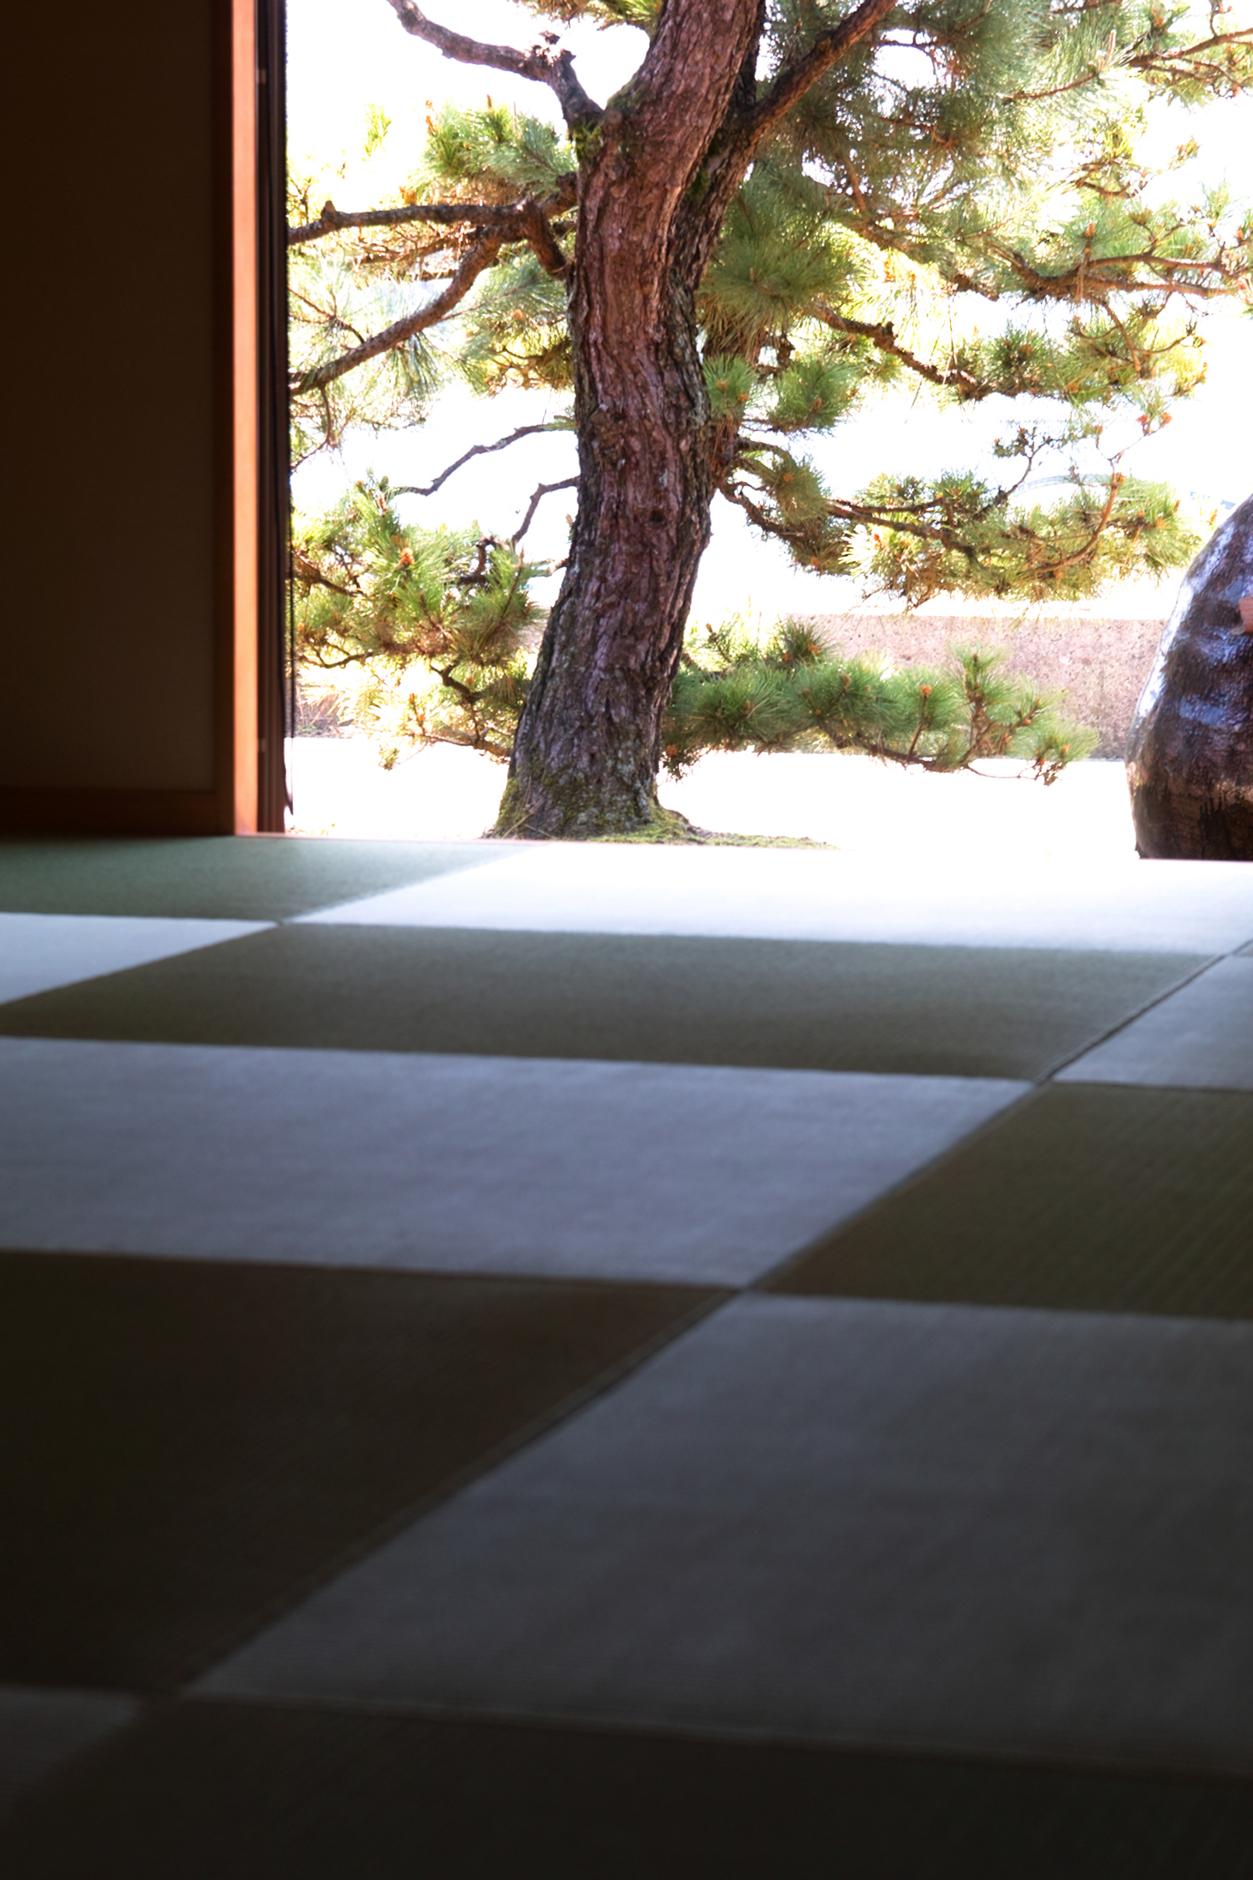 飯尾醸造さんの縁なし畳(琉球畳)